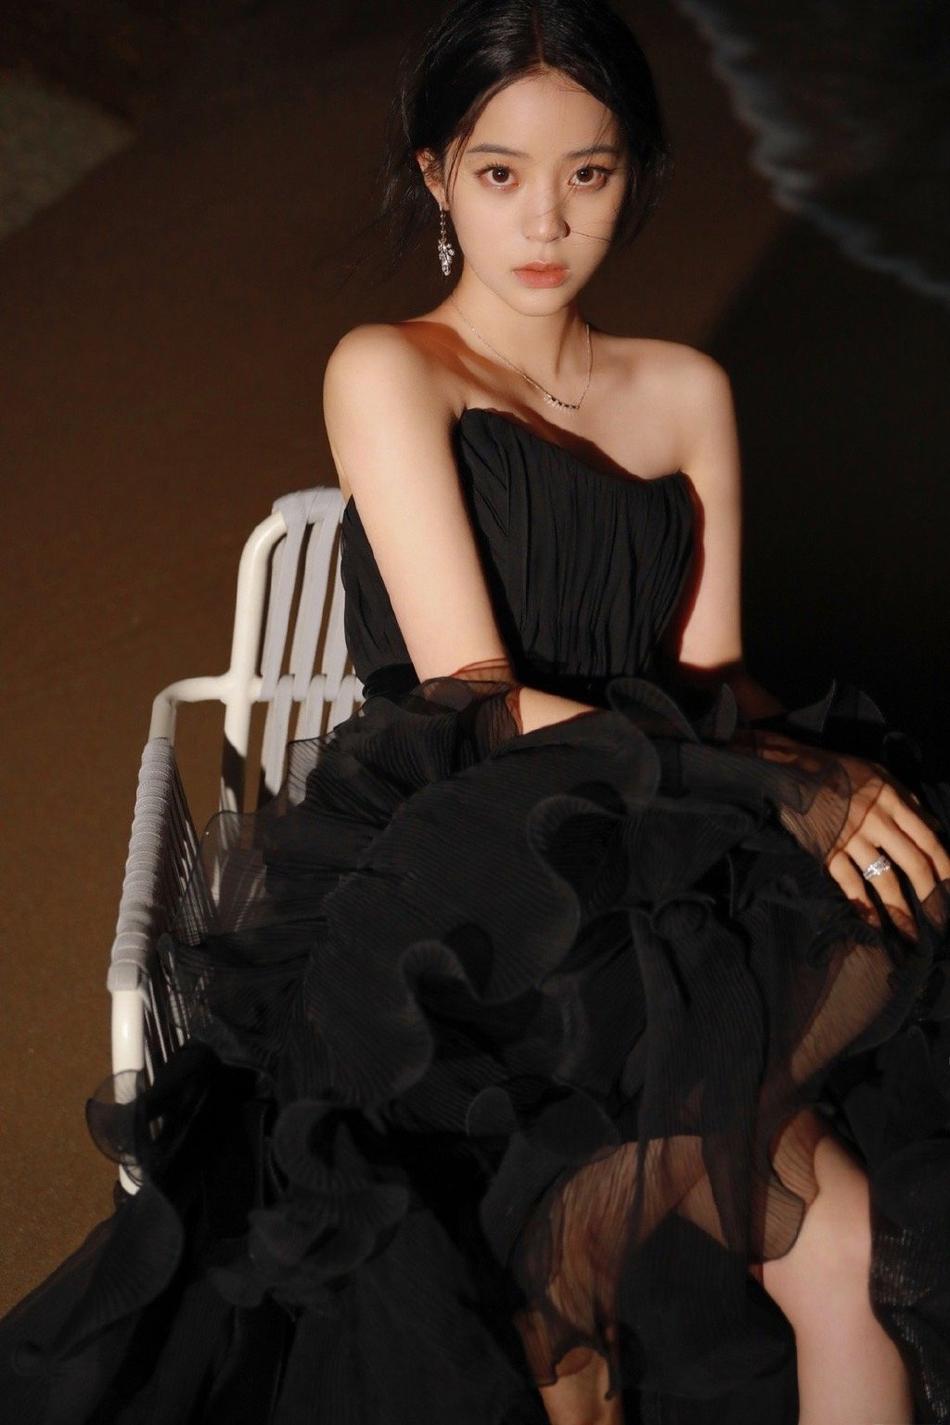 欧阳娜娜黑色礼服优雅动人写真